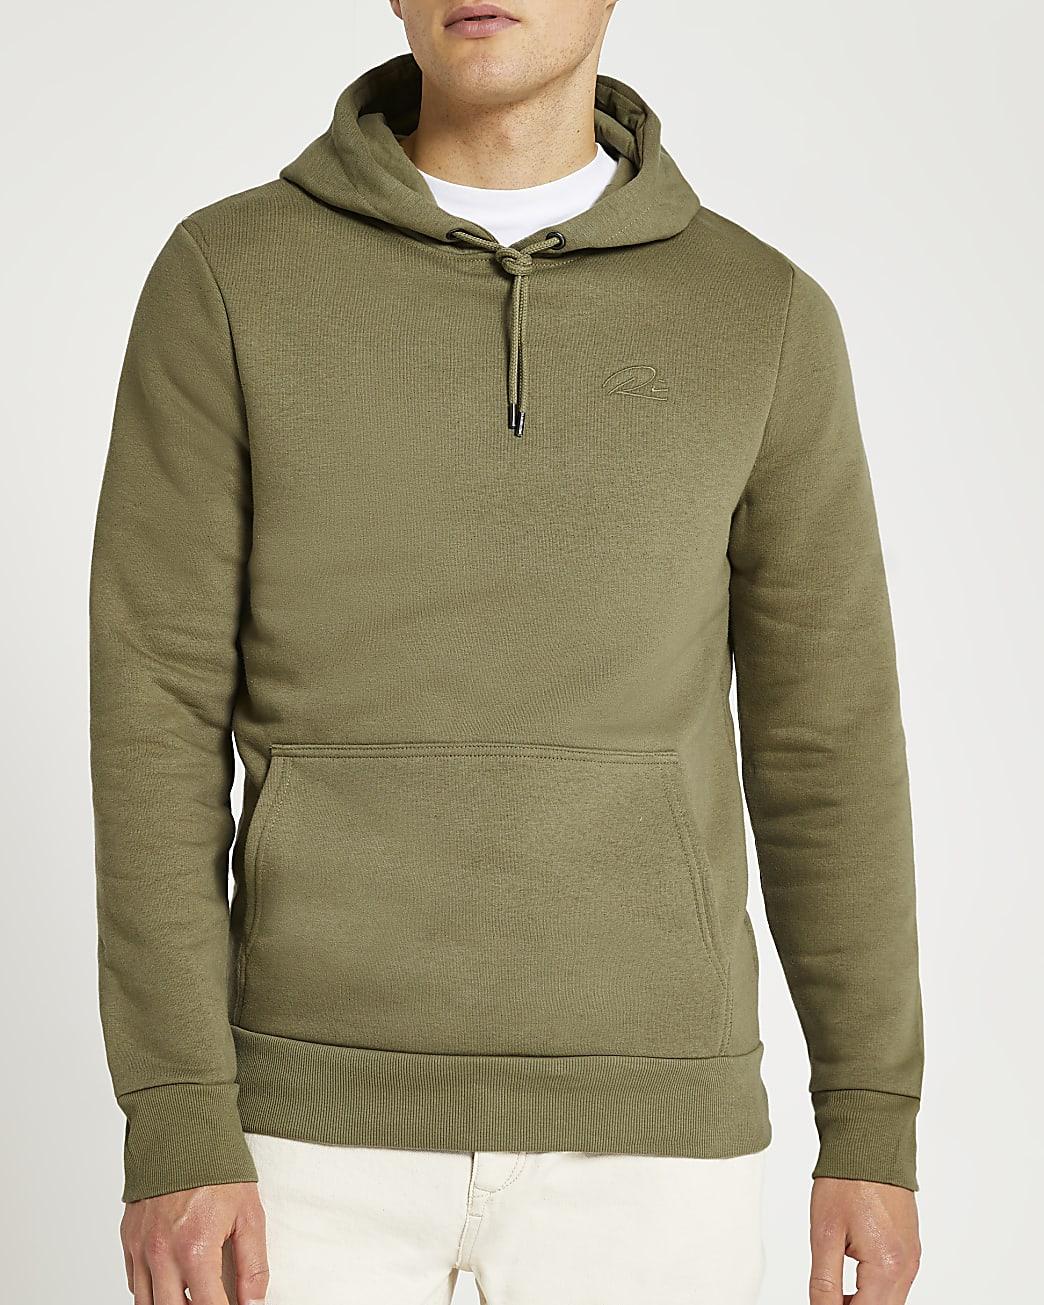 Khaki muscle fit hoodie